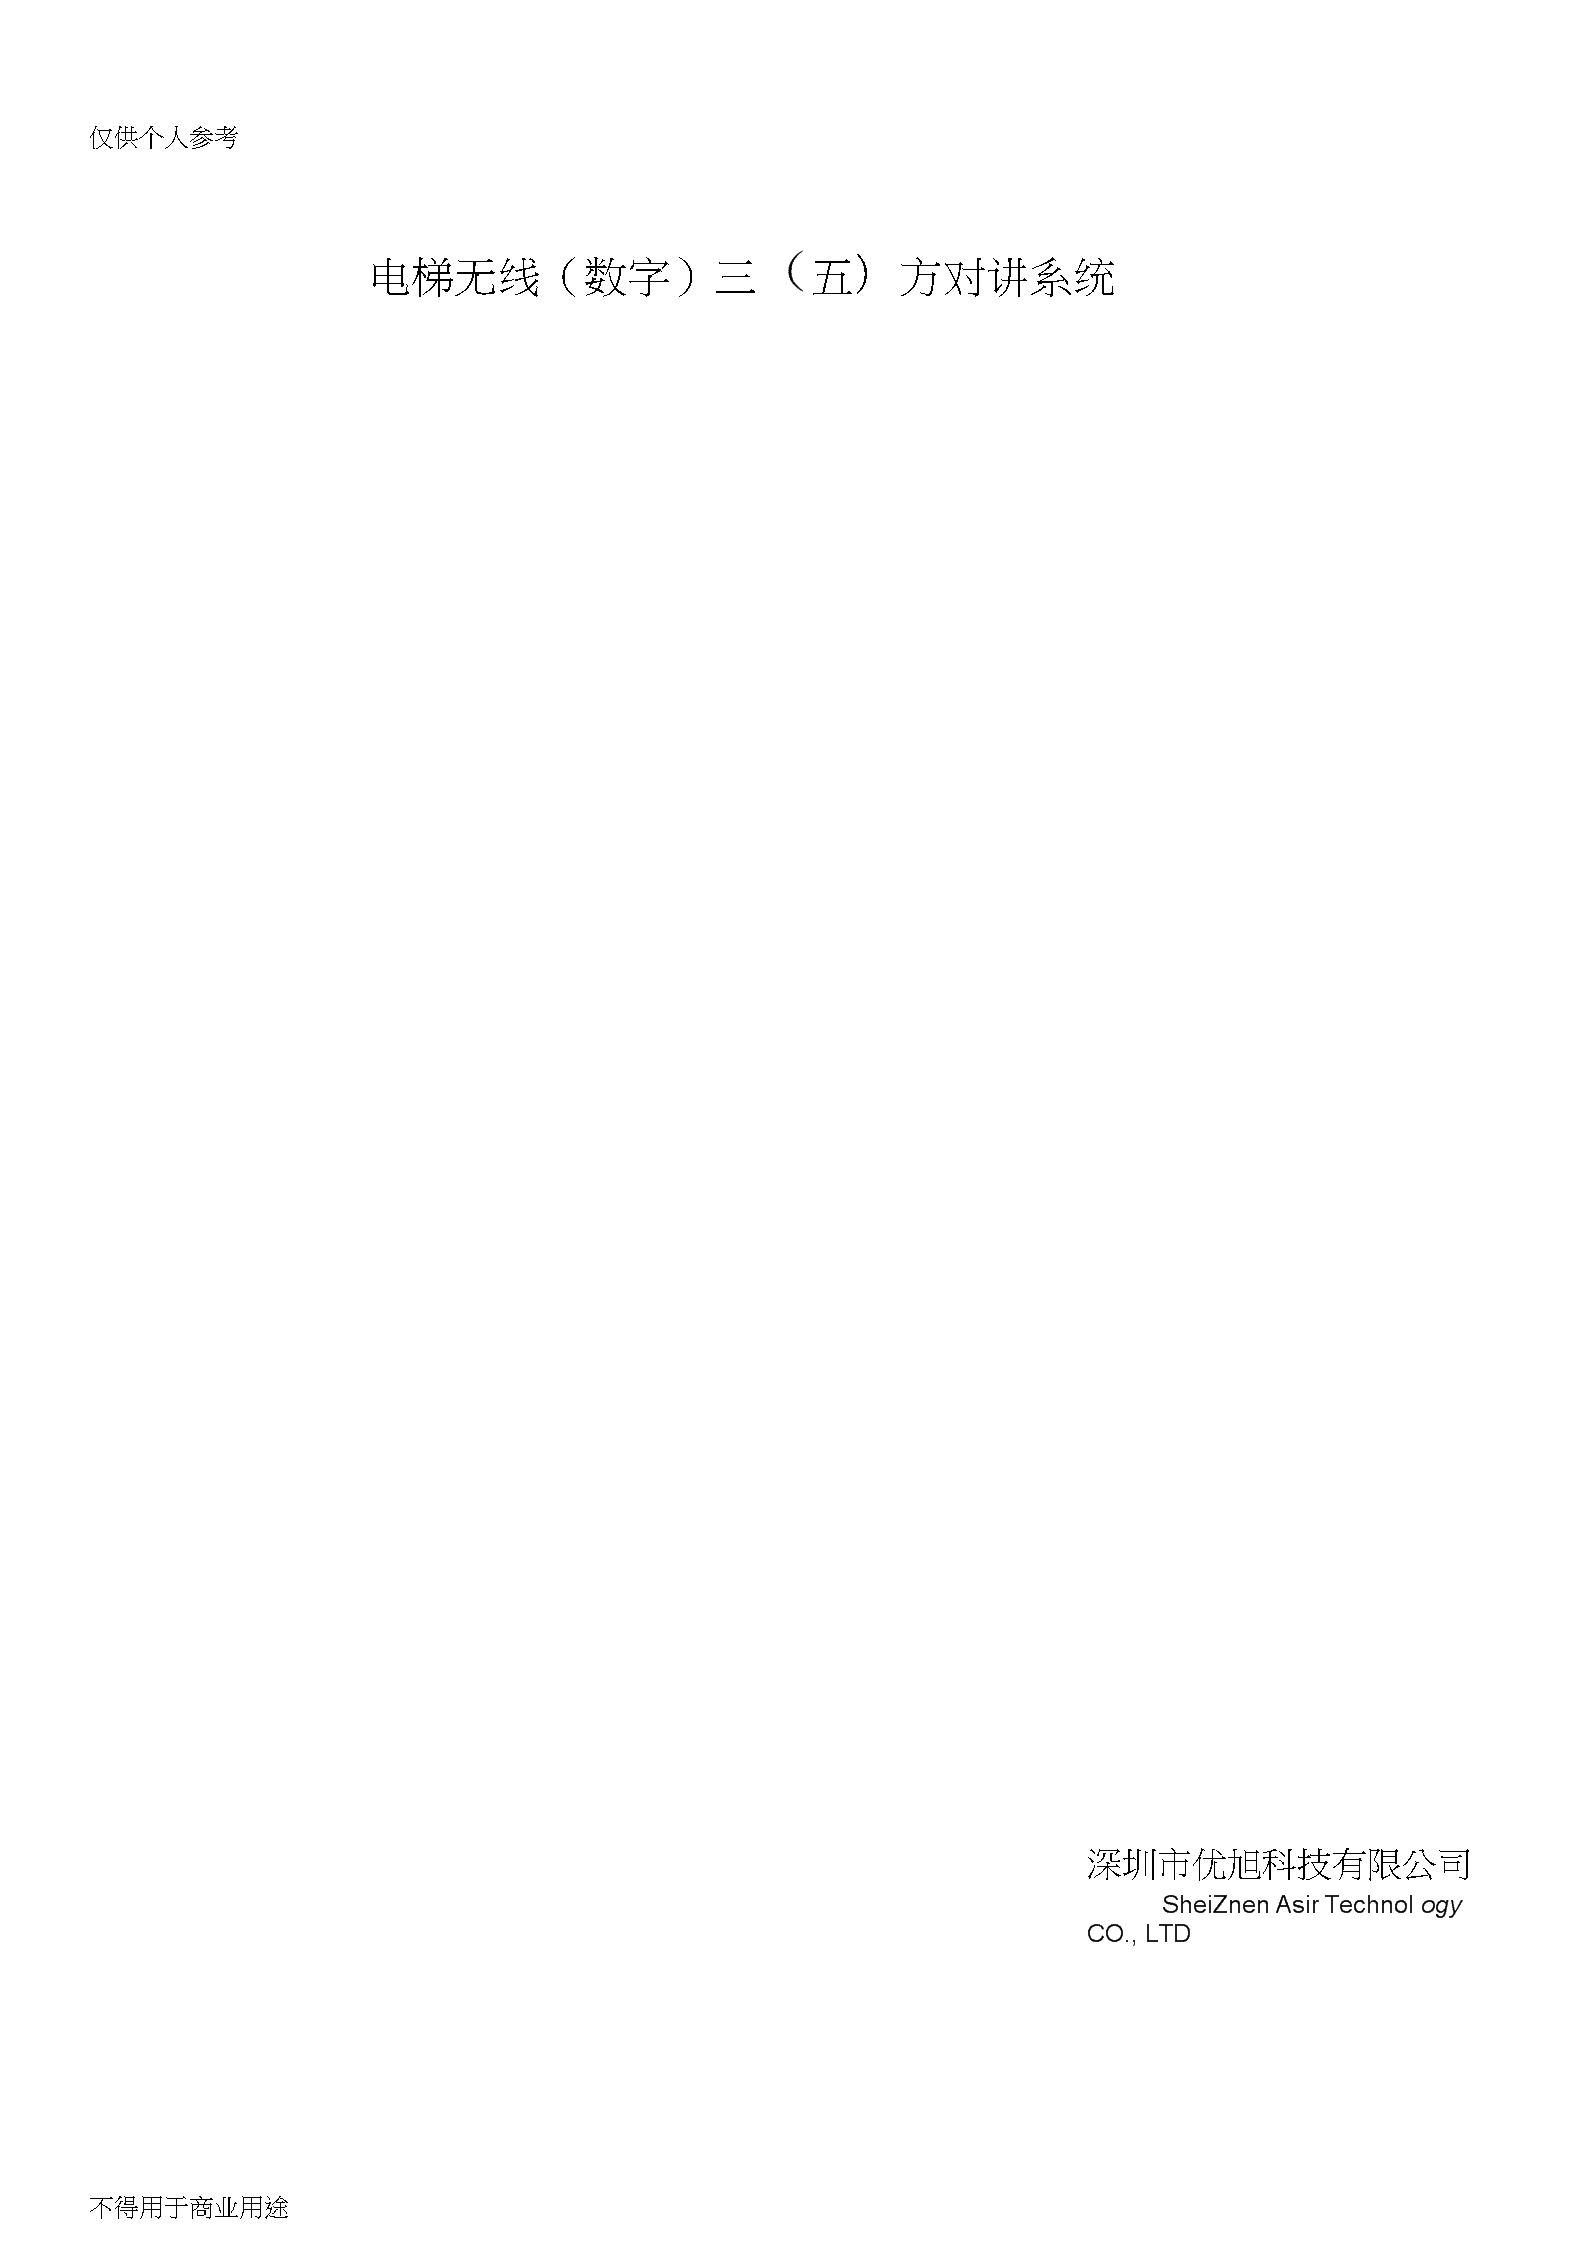 优旭科技数字电梯无线对讲方案.docx